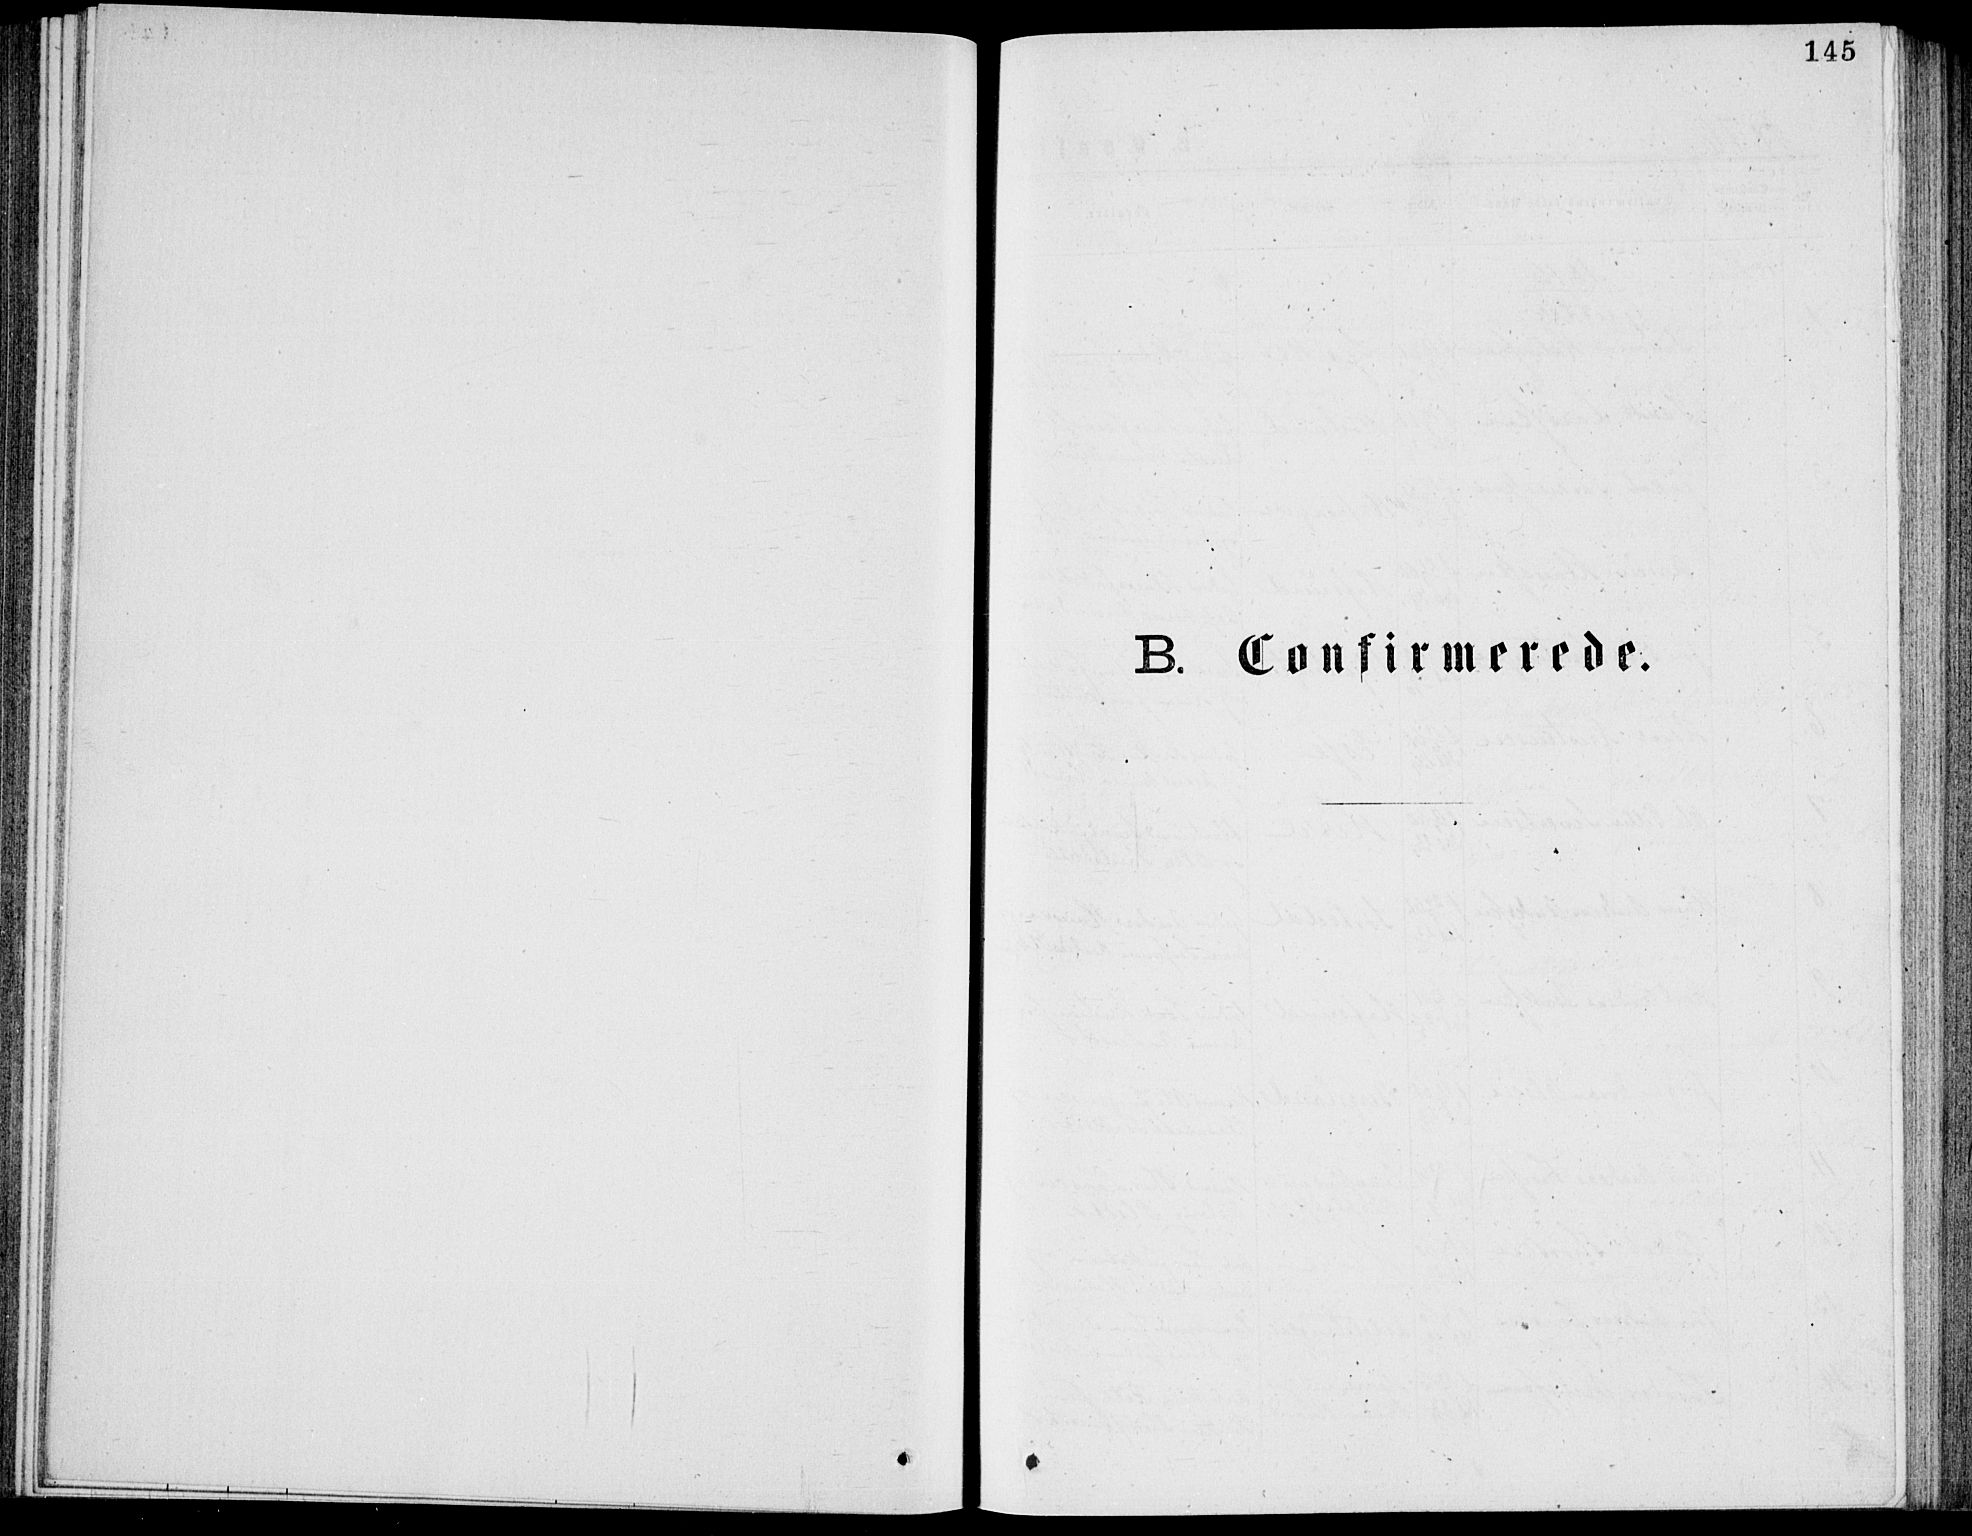 SAKO, Bamble kirkebøker, G/Ga/L0007: Klokkerbok nr. I 7, 1876-1877, s. 145